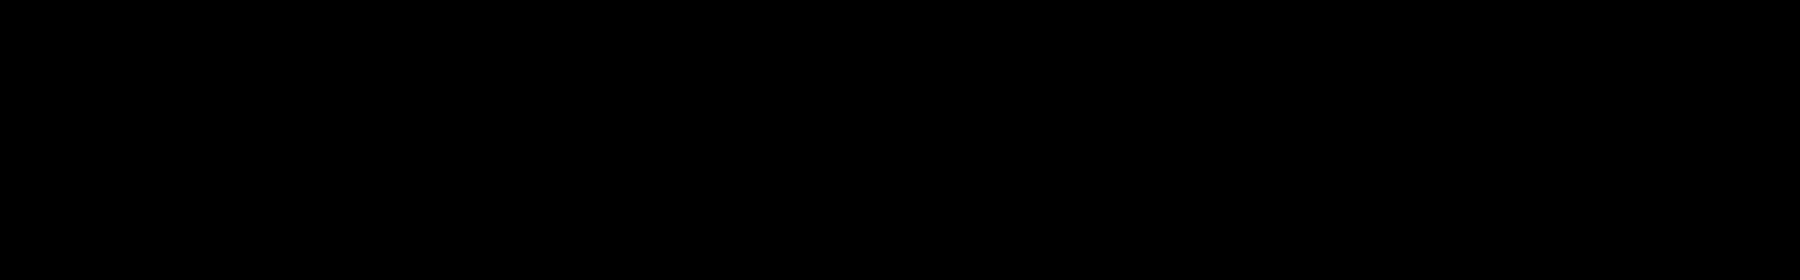 Progressive Psy MIDI Loops audio waveform